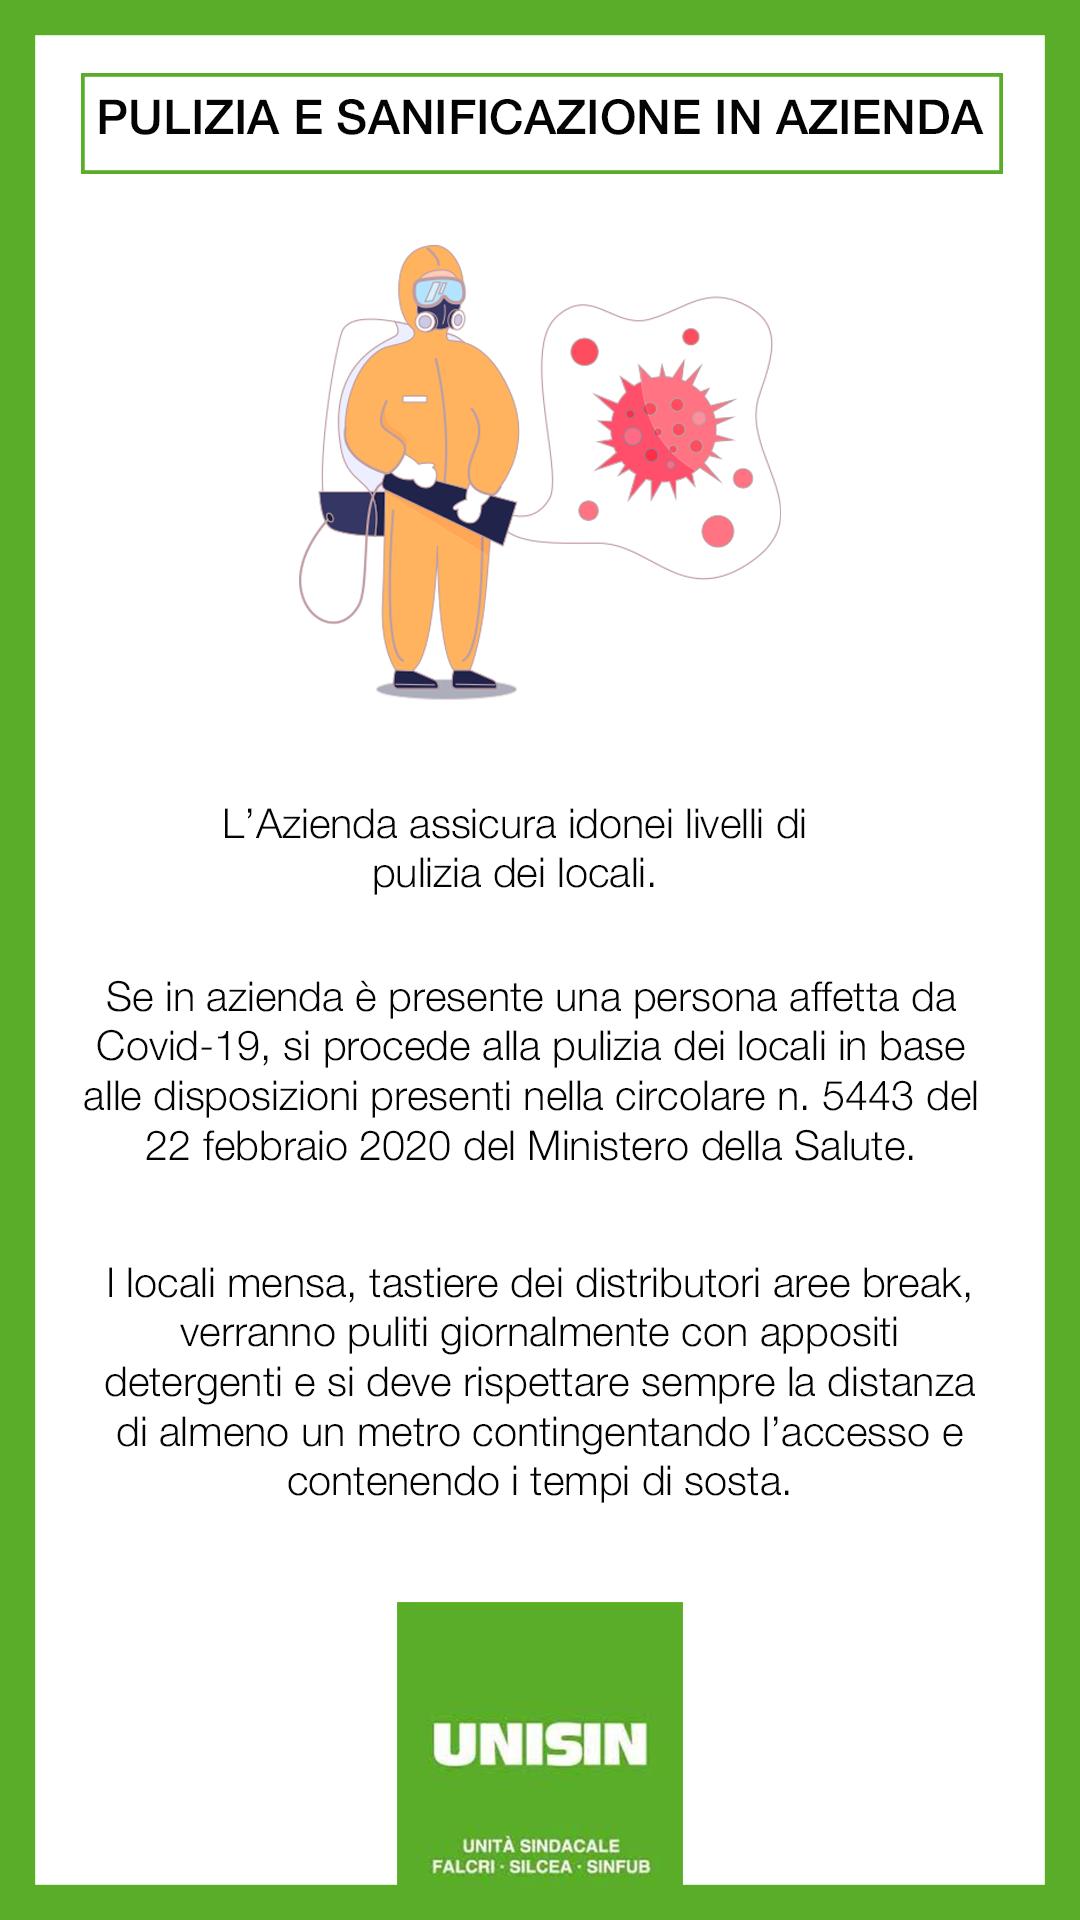 Unisin-ProtocolloCondiviso-wa4